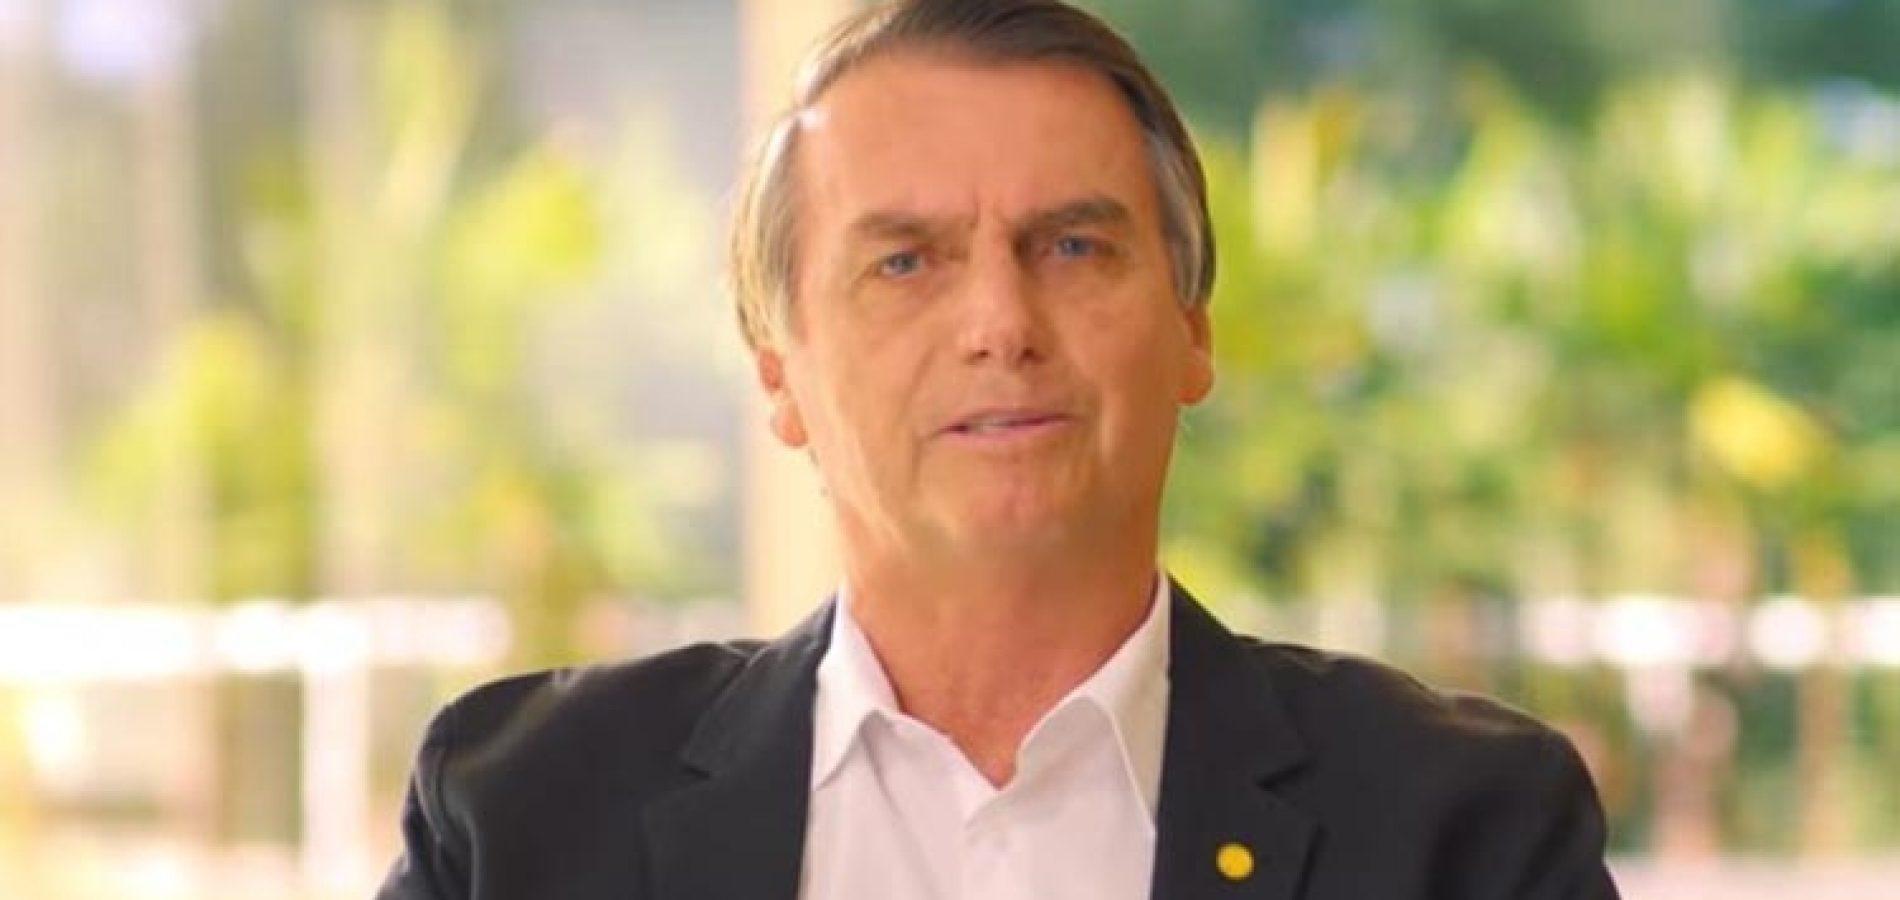 Bolsonaro promete revogar regulamentações; veja principais propostas